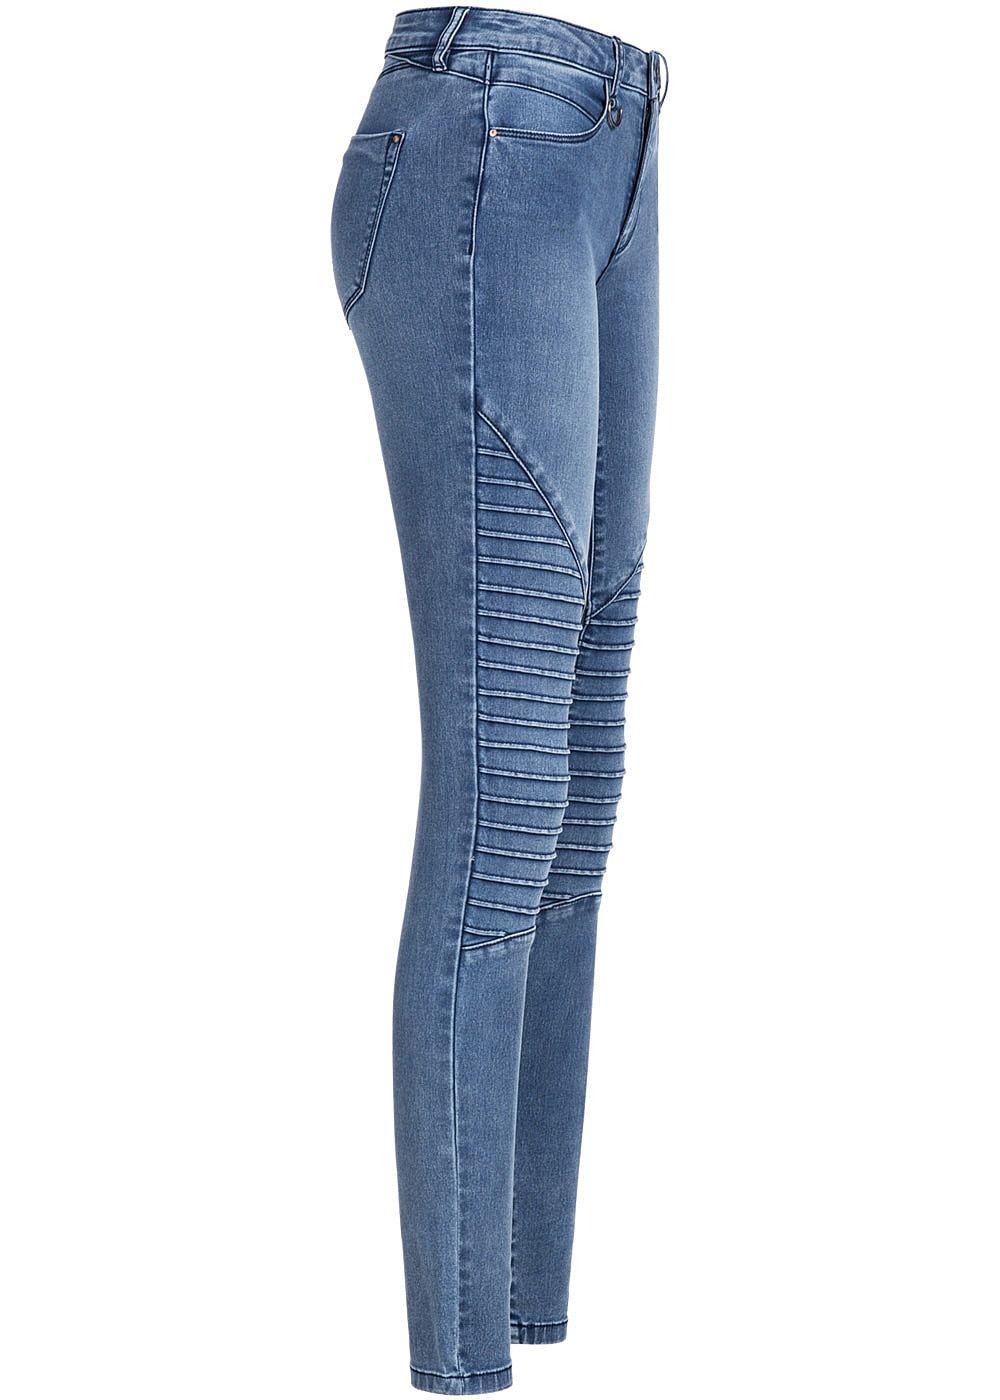 only damen biker jeans hose stretch 4 pockets regular waist medium blau denim 77onlineshop. Black Bedroom Furniture Sets. Home Design Ideas